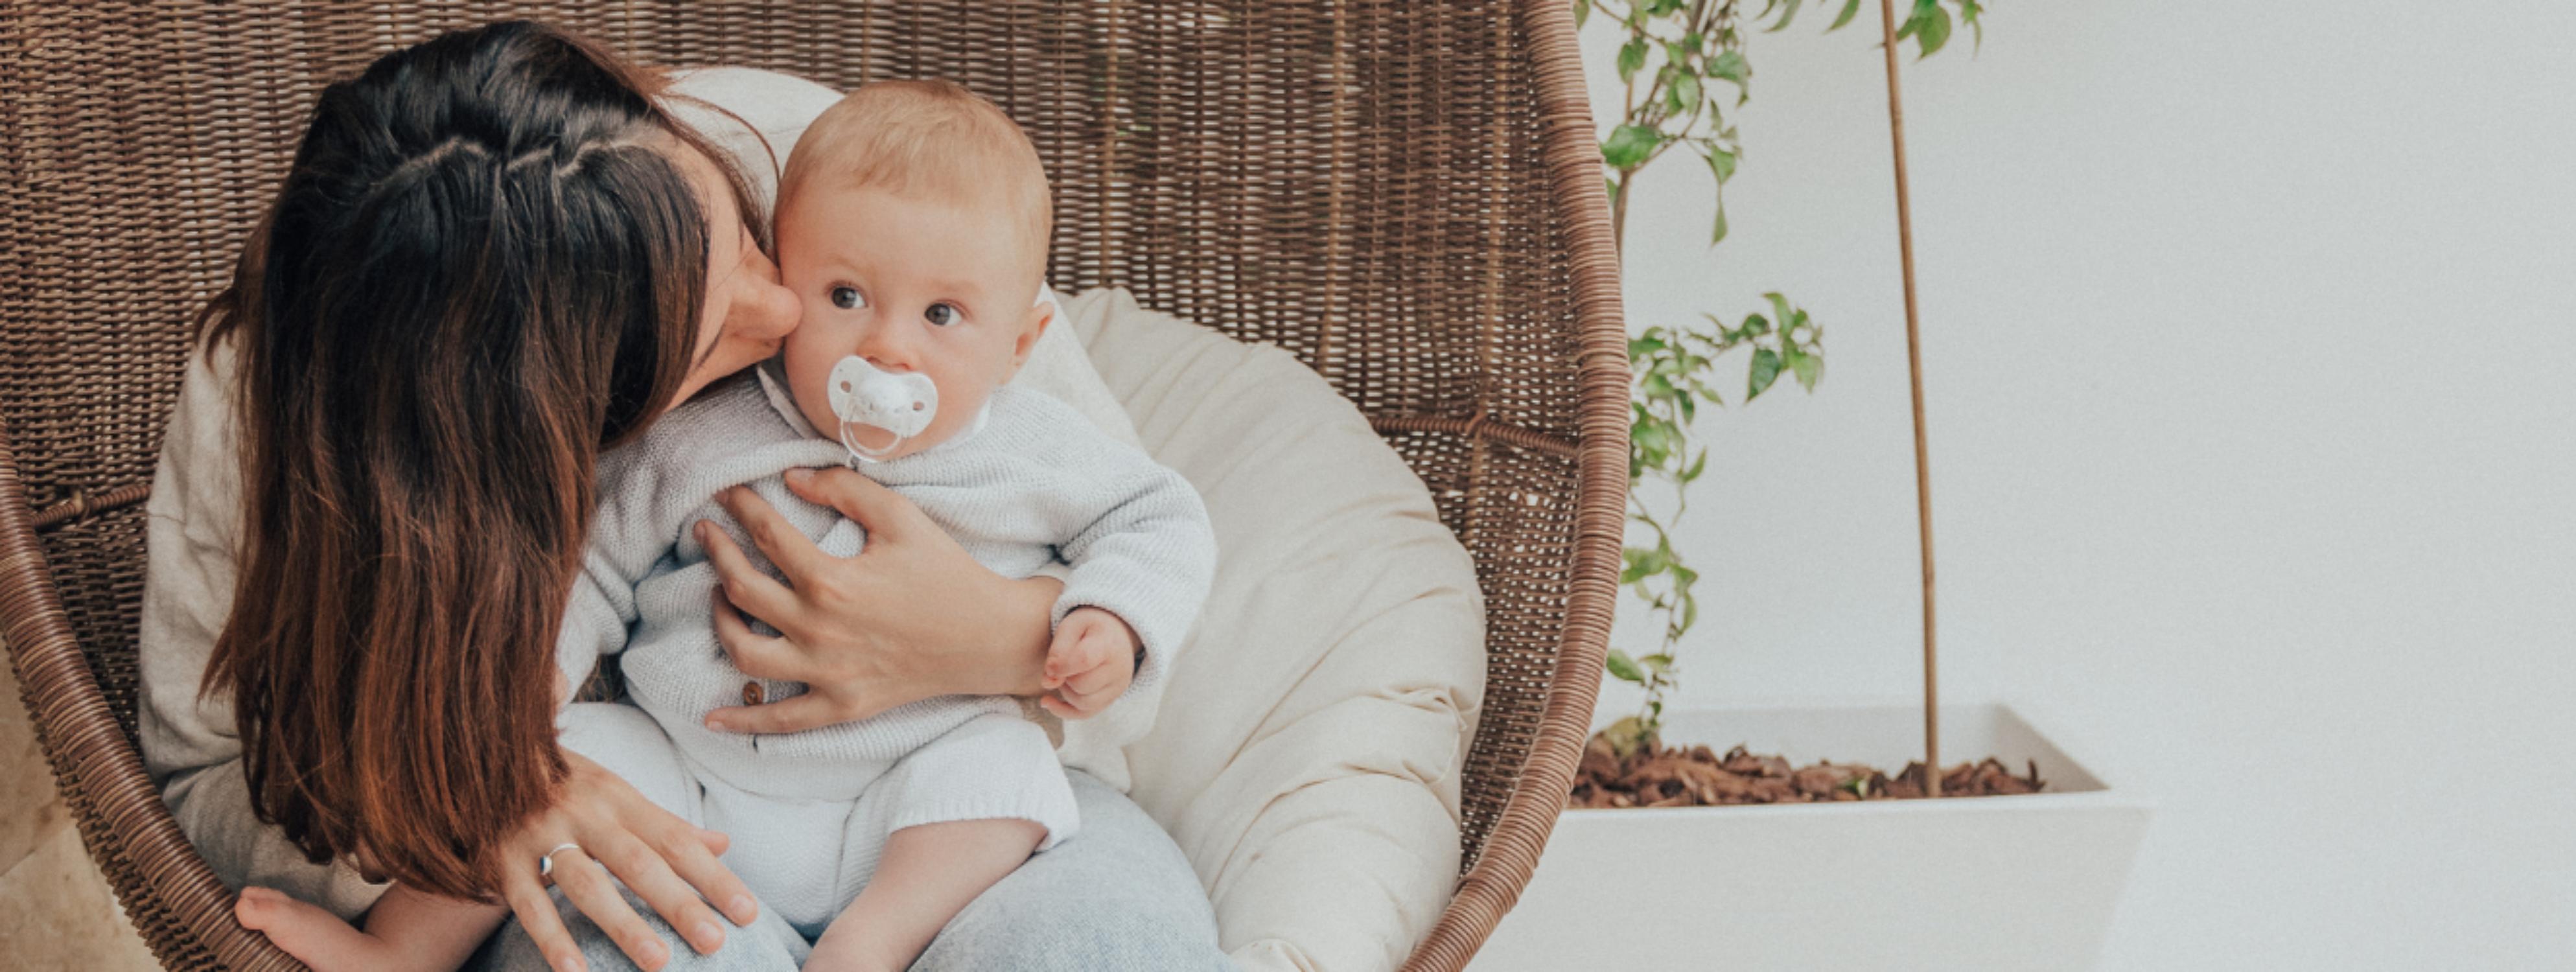 קולקציה מהפכנית של מוצץ לתינוק סובינקס אתר סגל בייבי